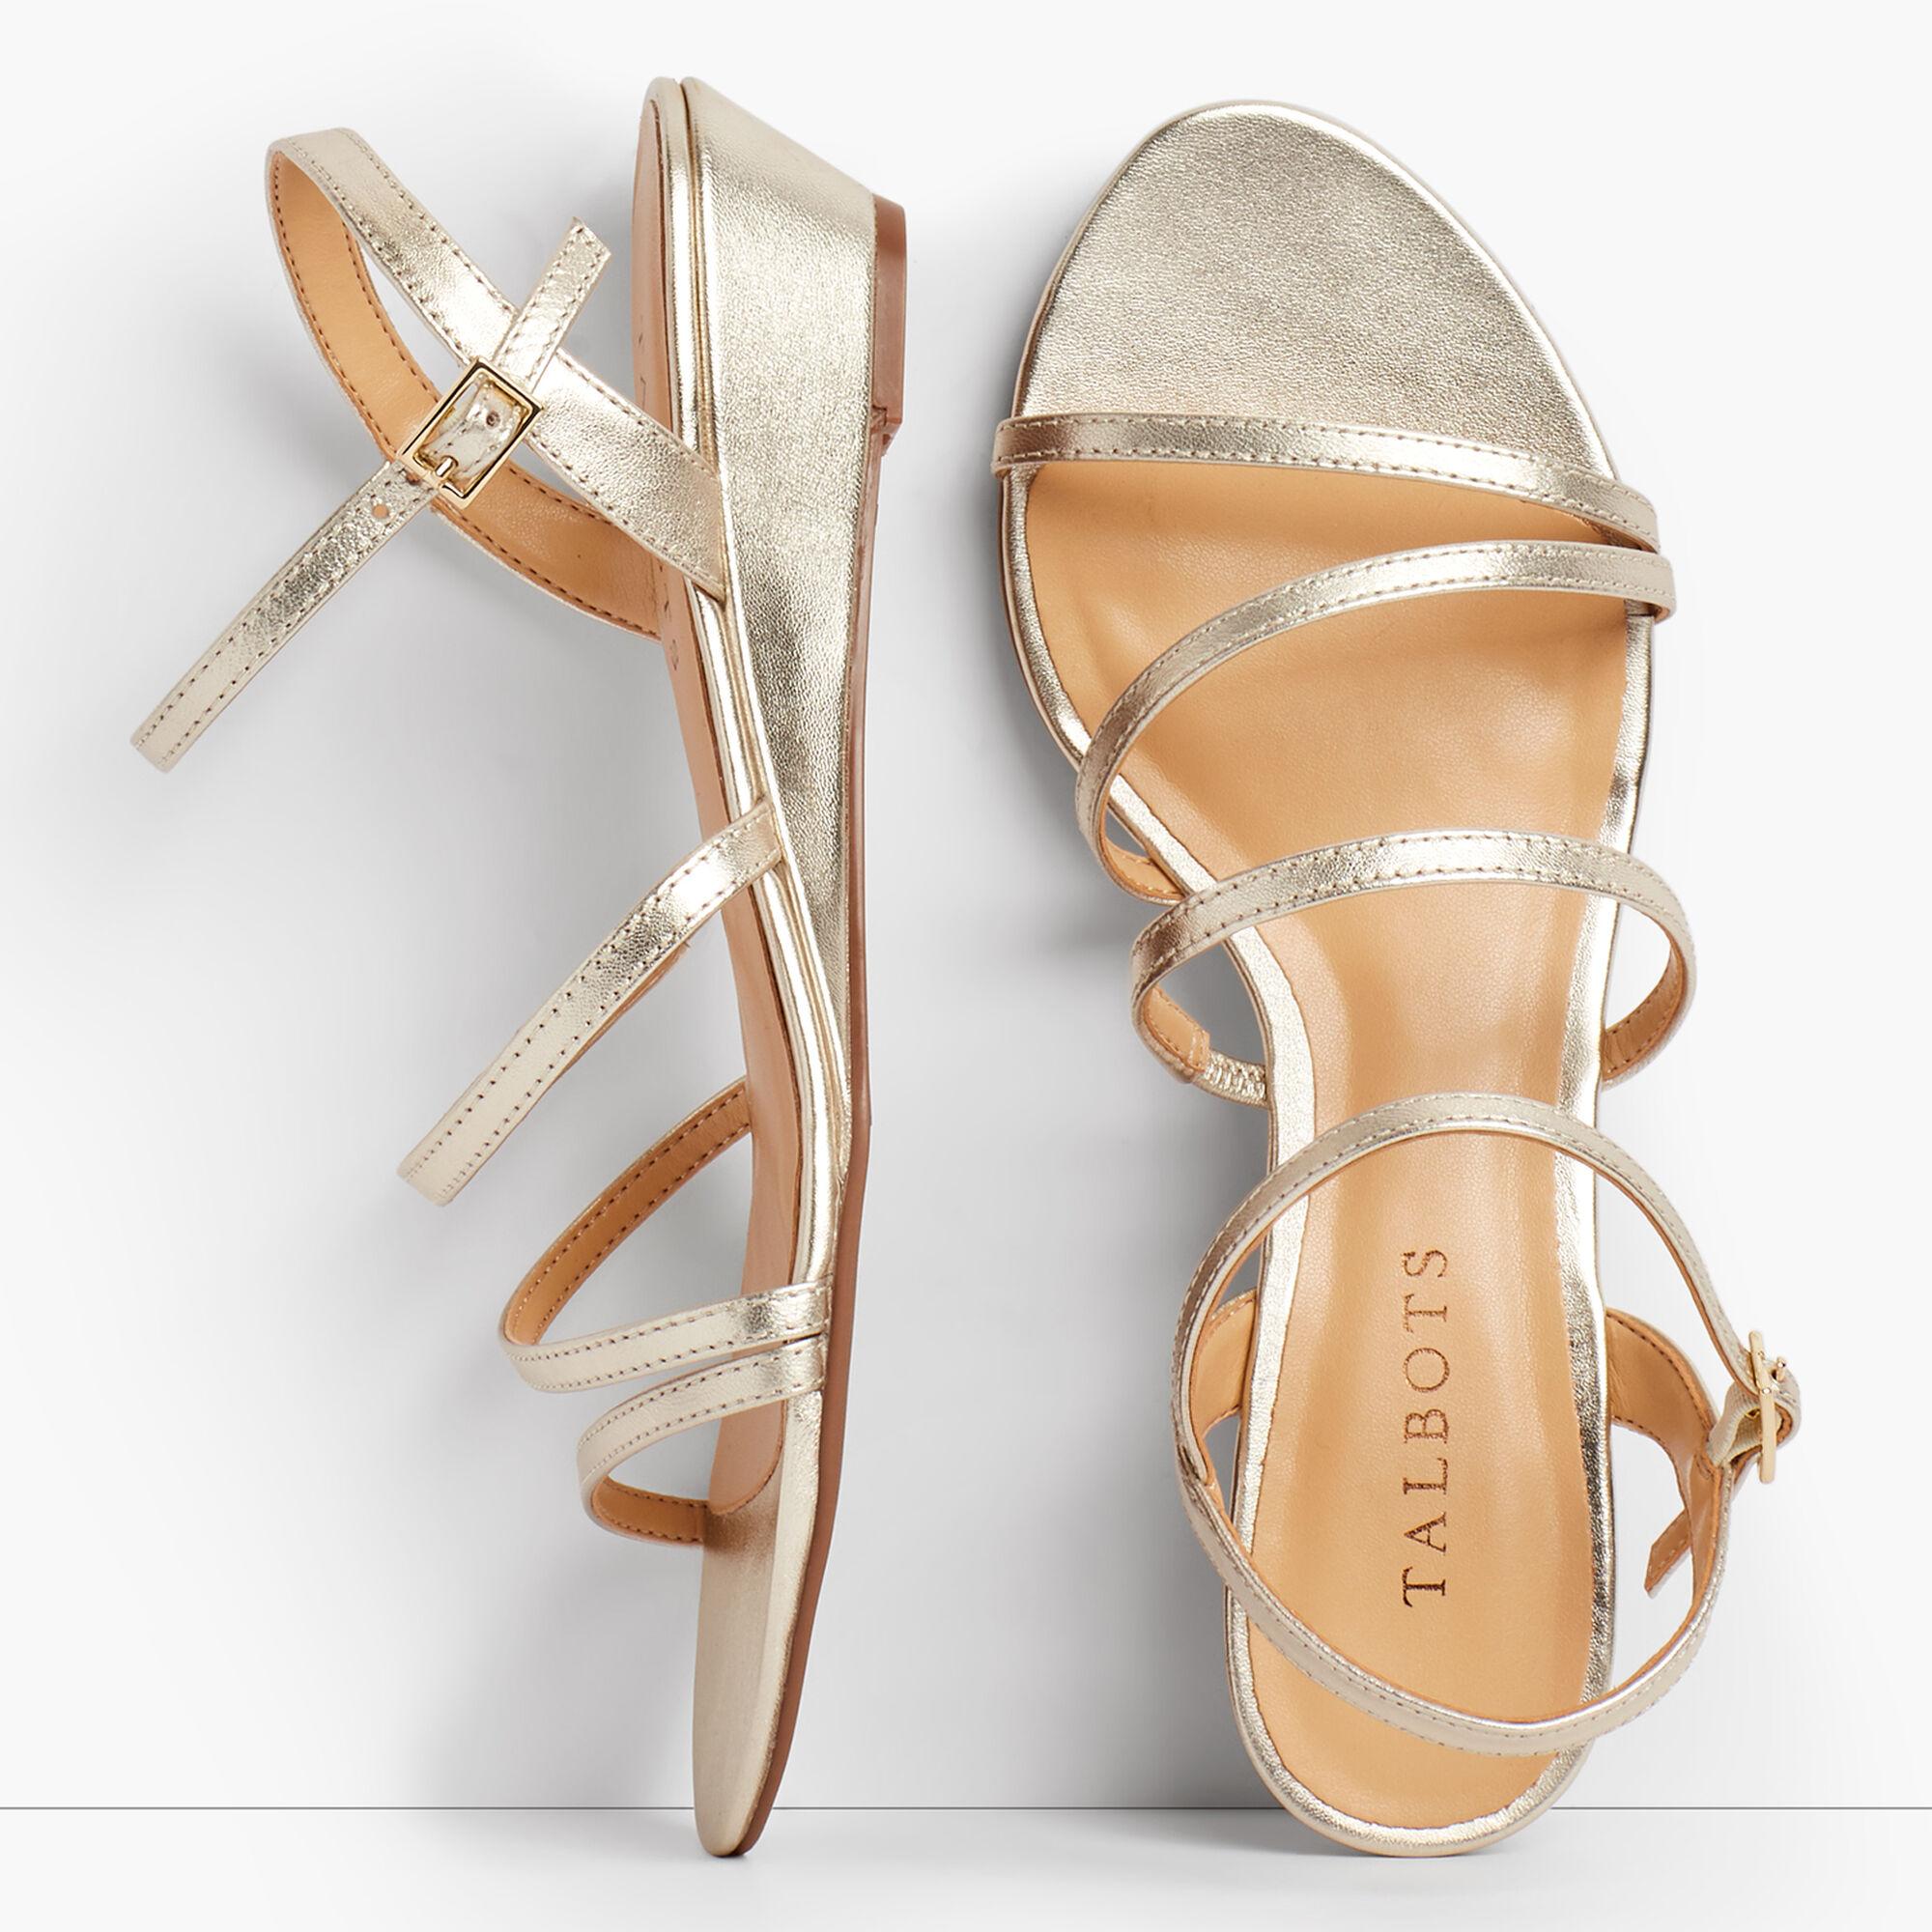 636aea22be5 Images. Capri Multi-Strap Mini-Wedge Sandals ...